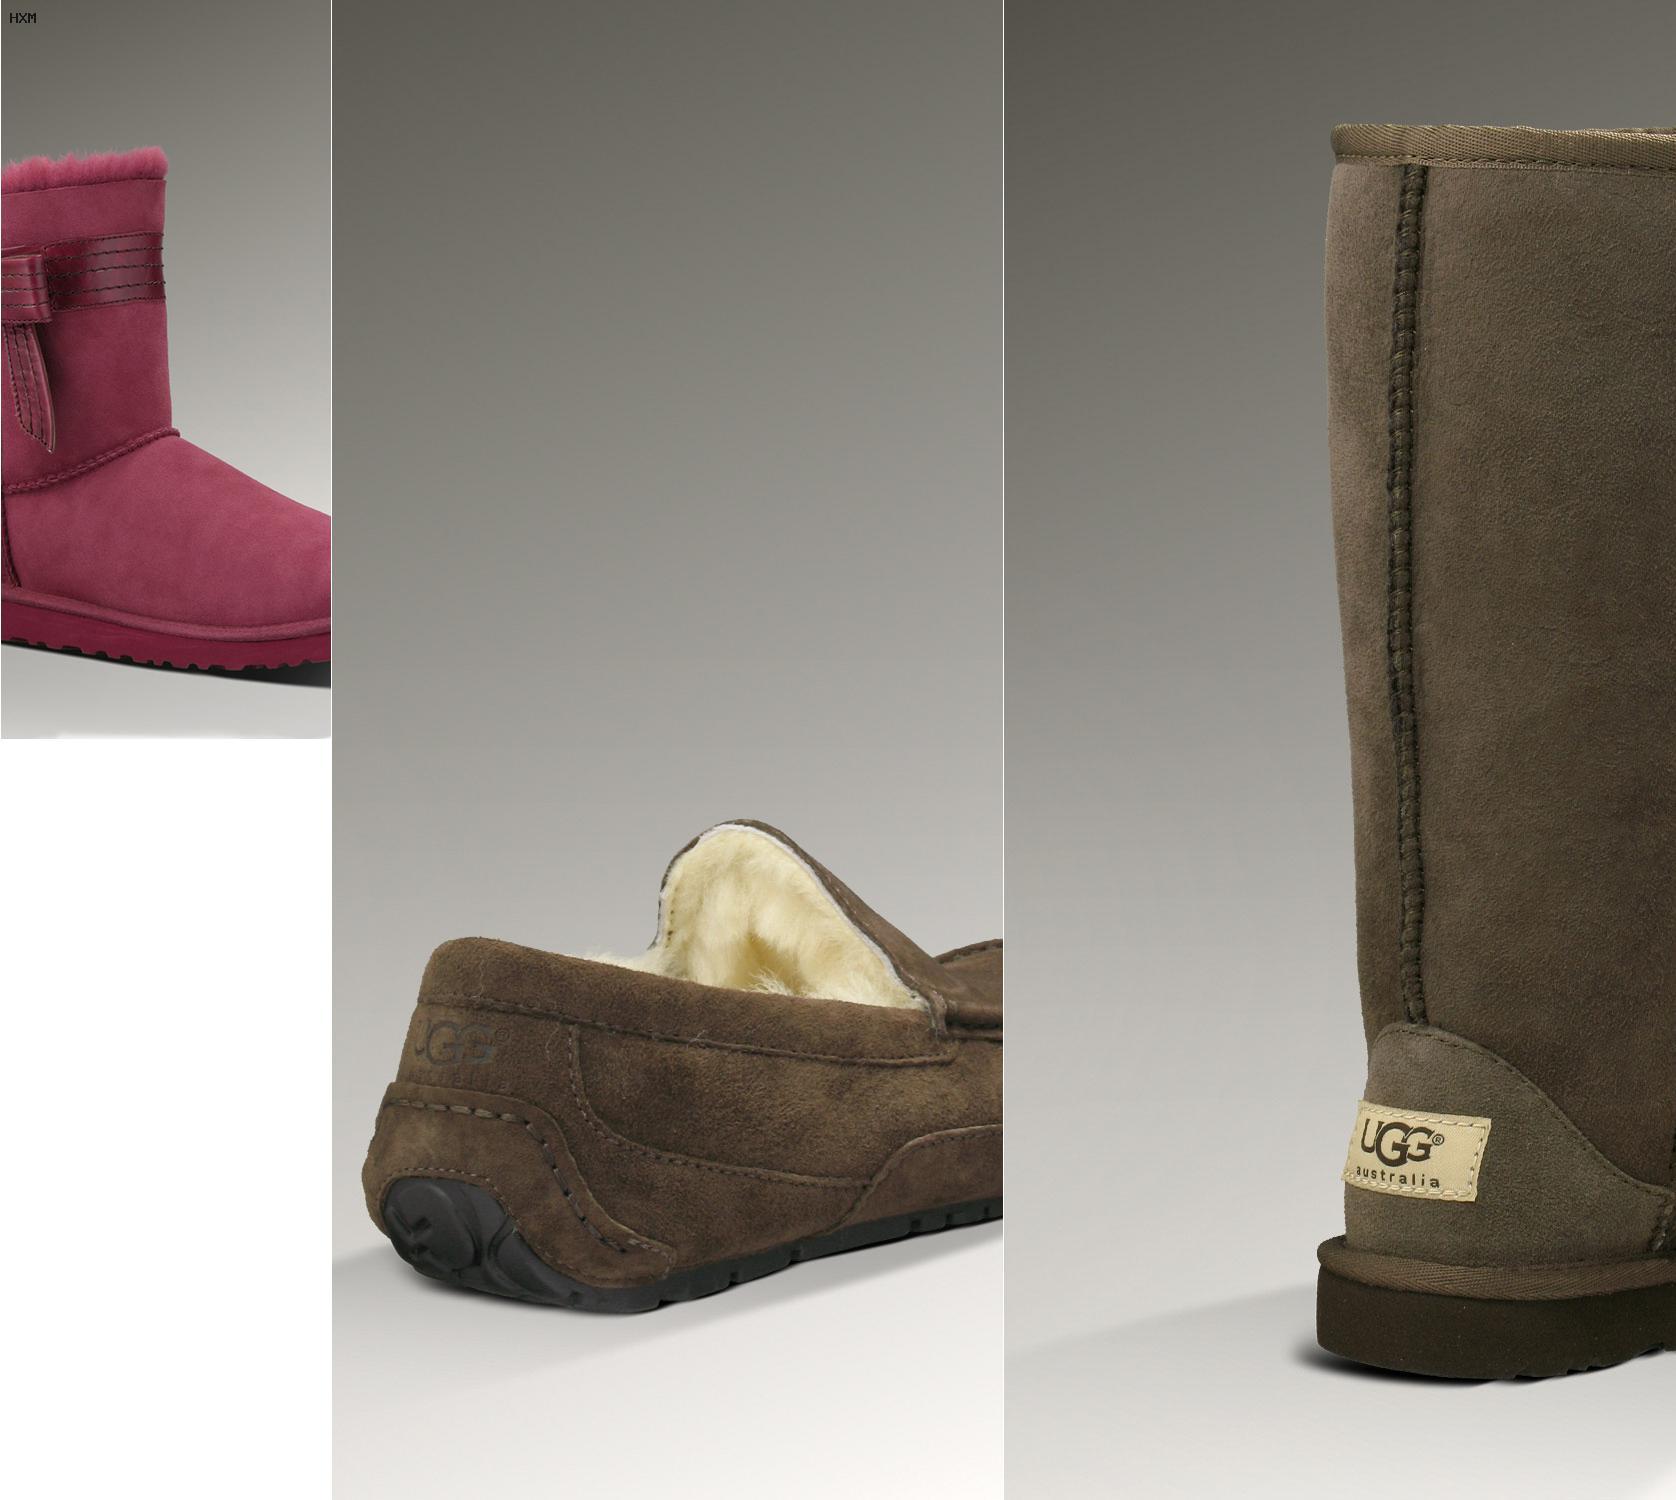 botas estilo ugg